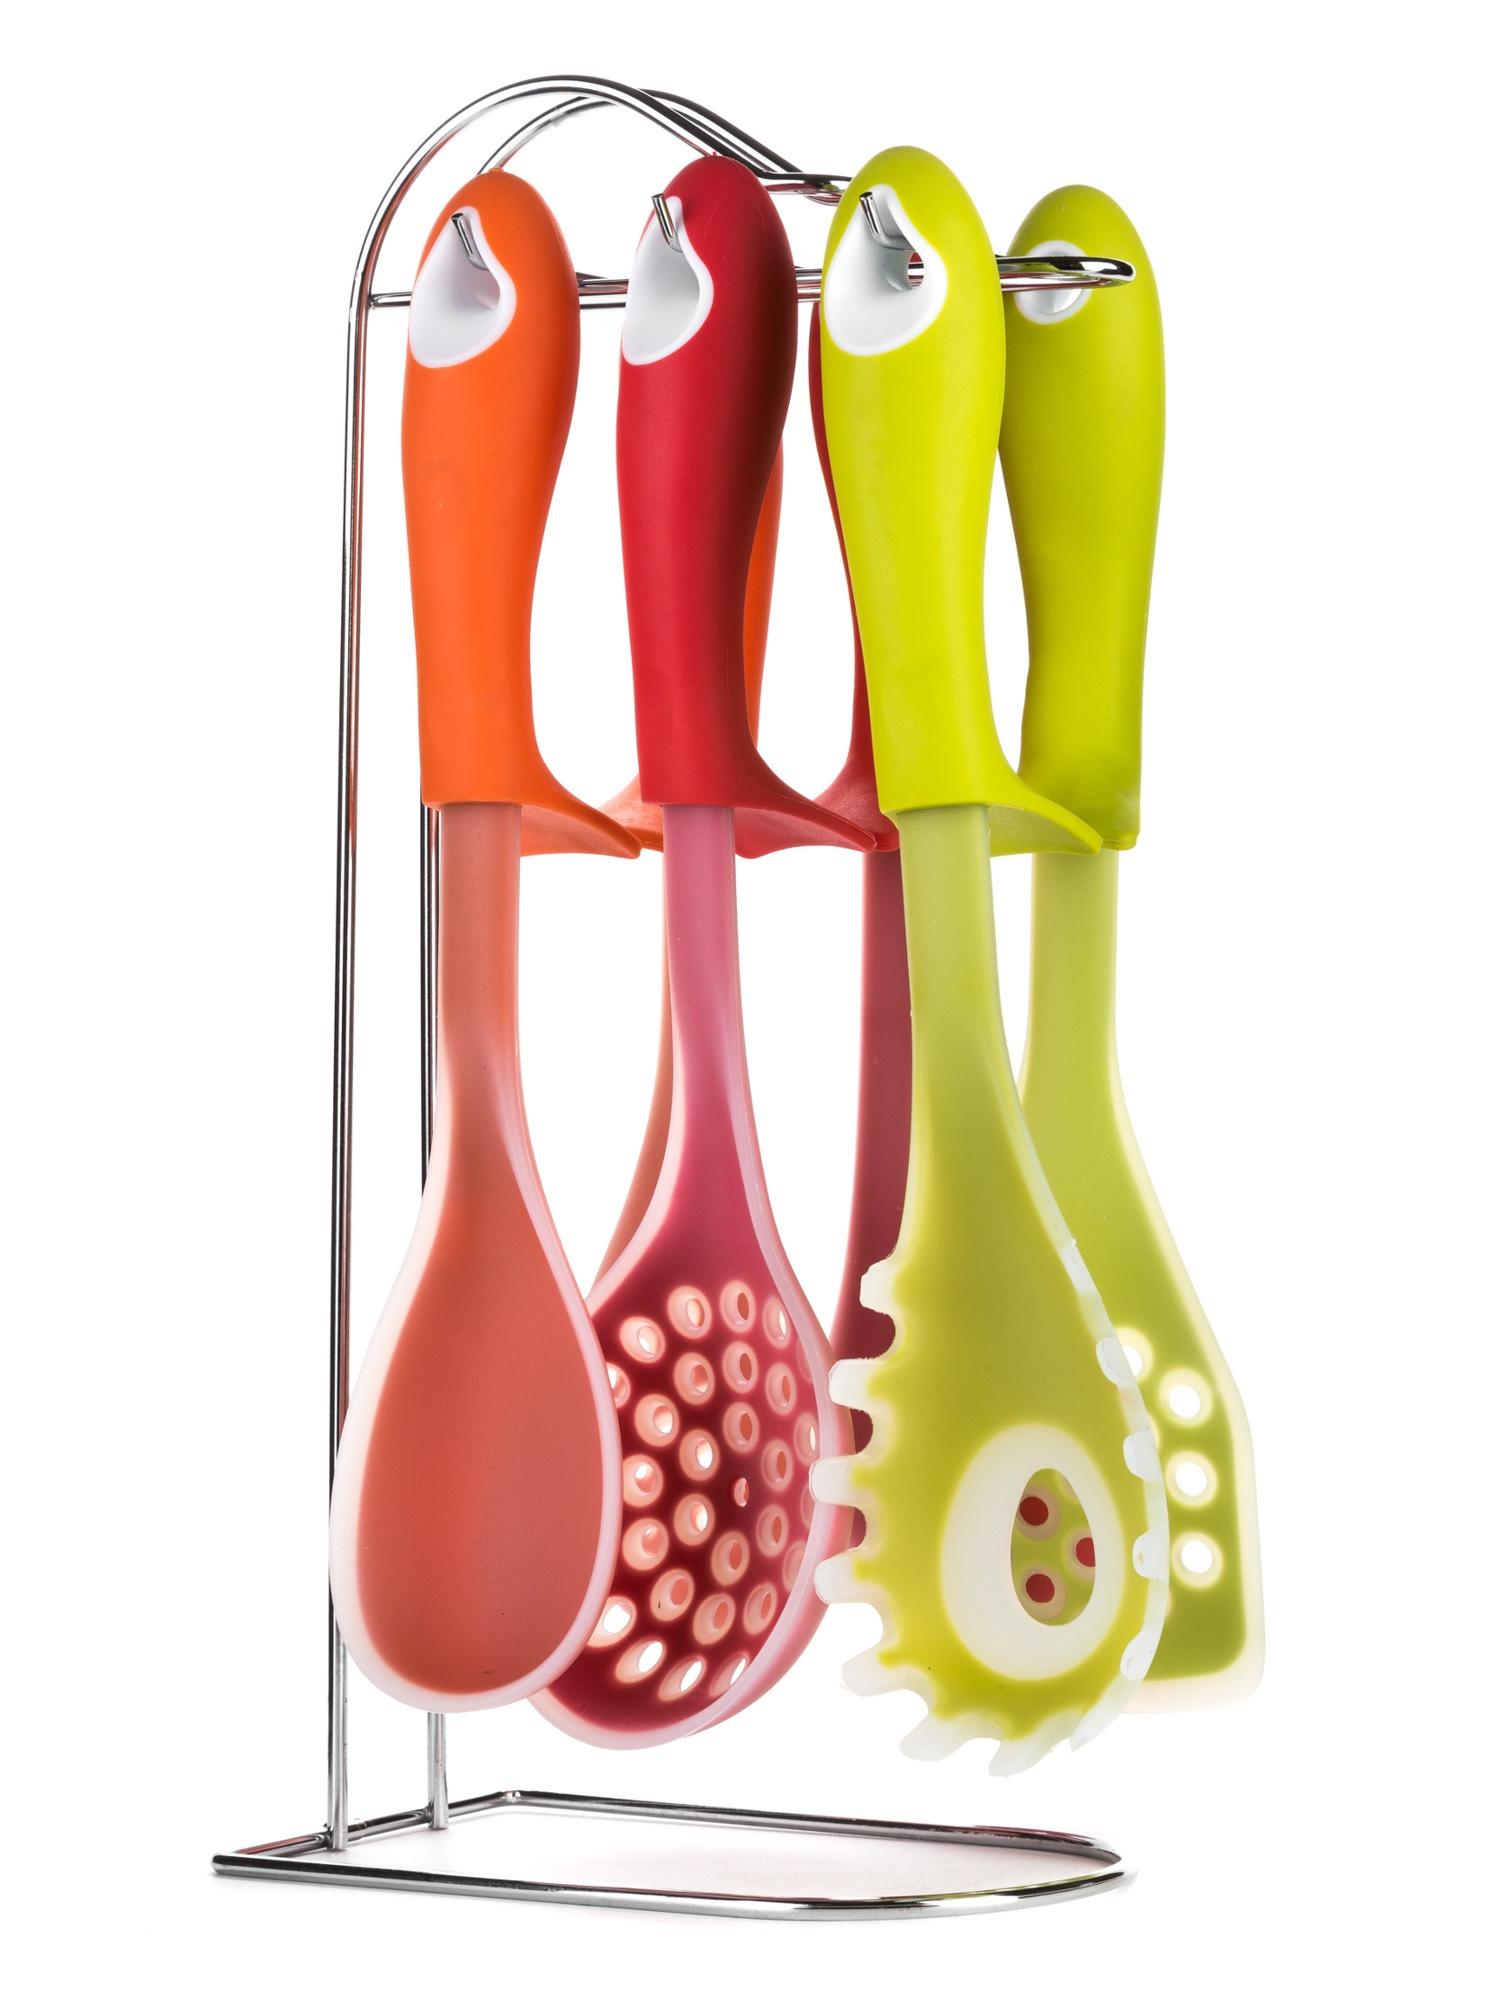 Набор кухонных принадлежностей Simple Pleasures набор кухонных принадлежностей super kristal sk 3446